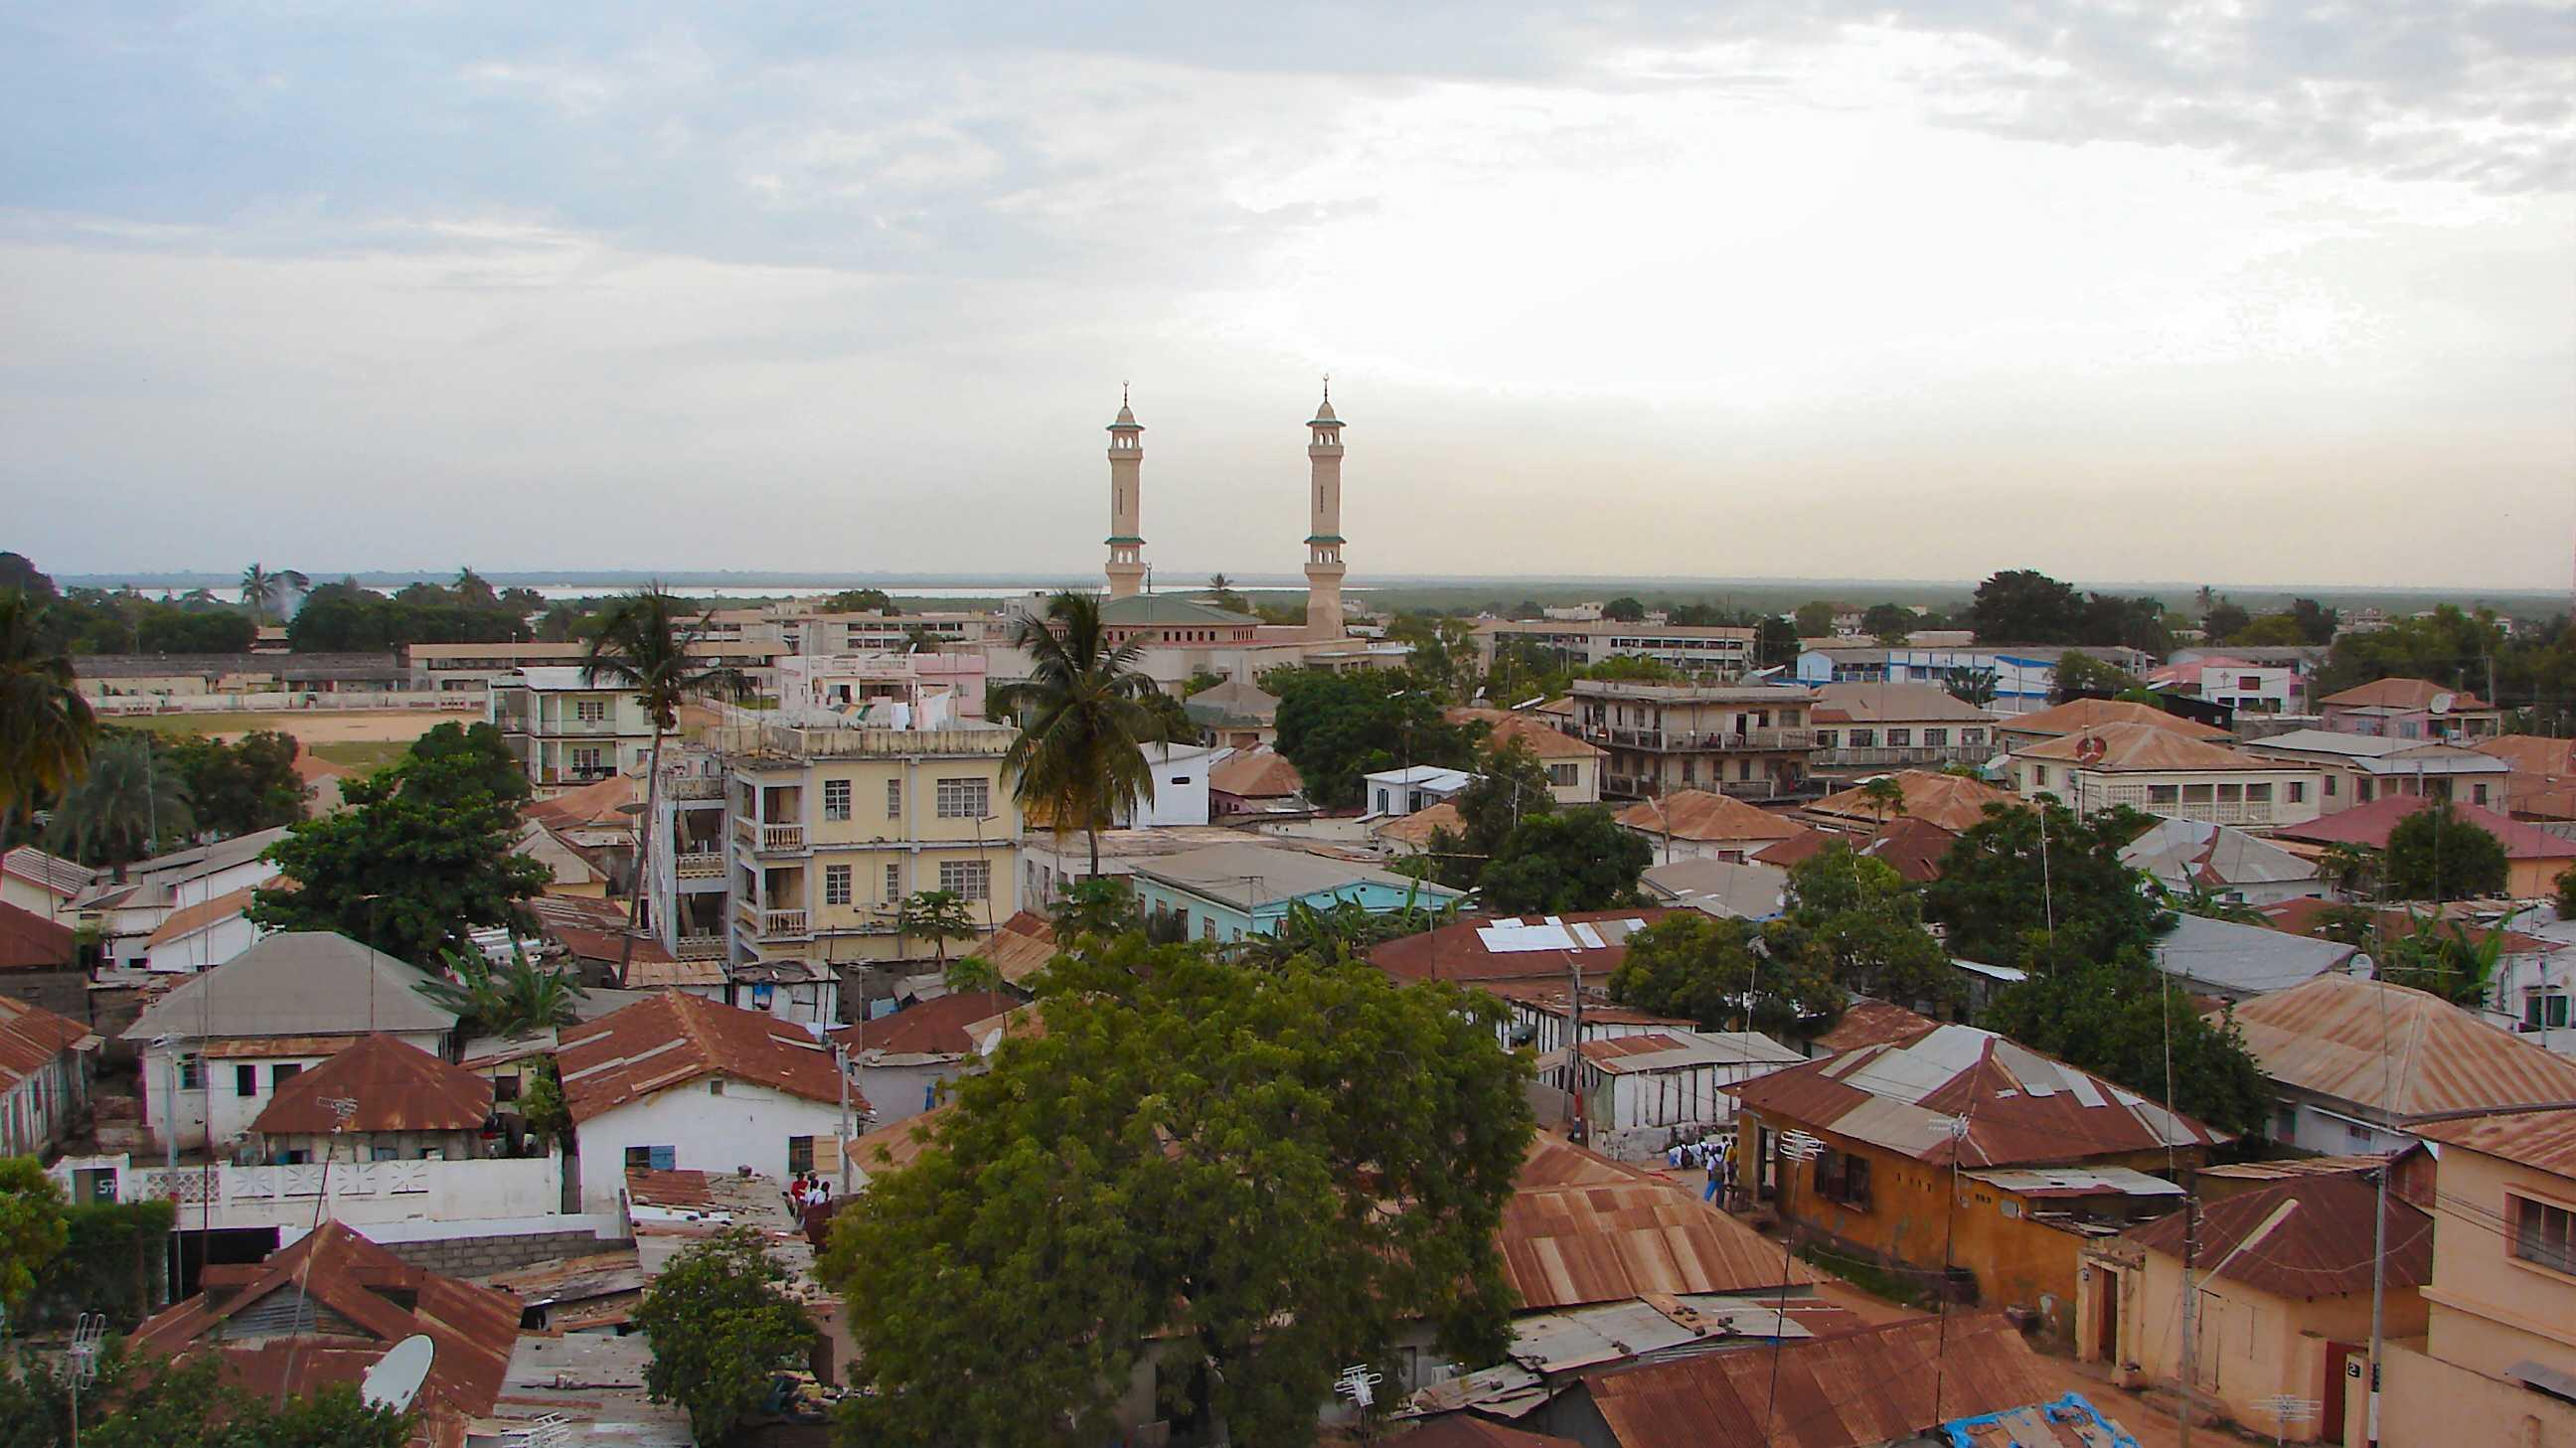 Häuser, im Hintegrund eine Moschee